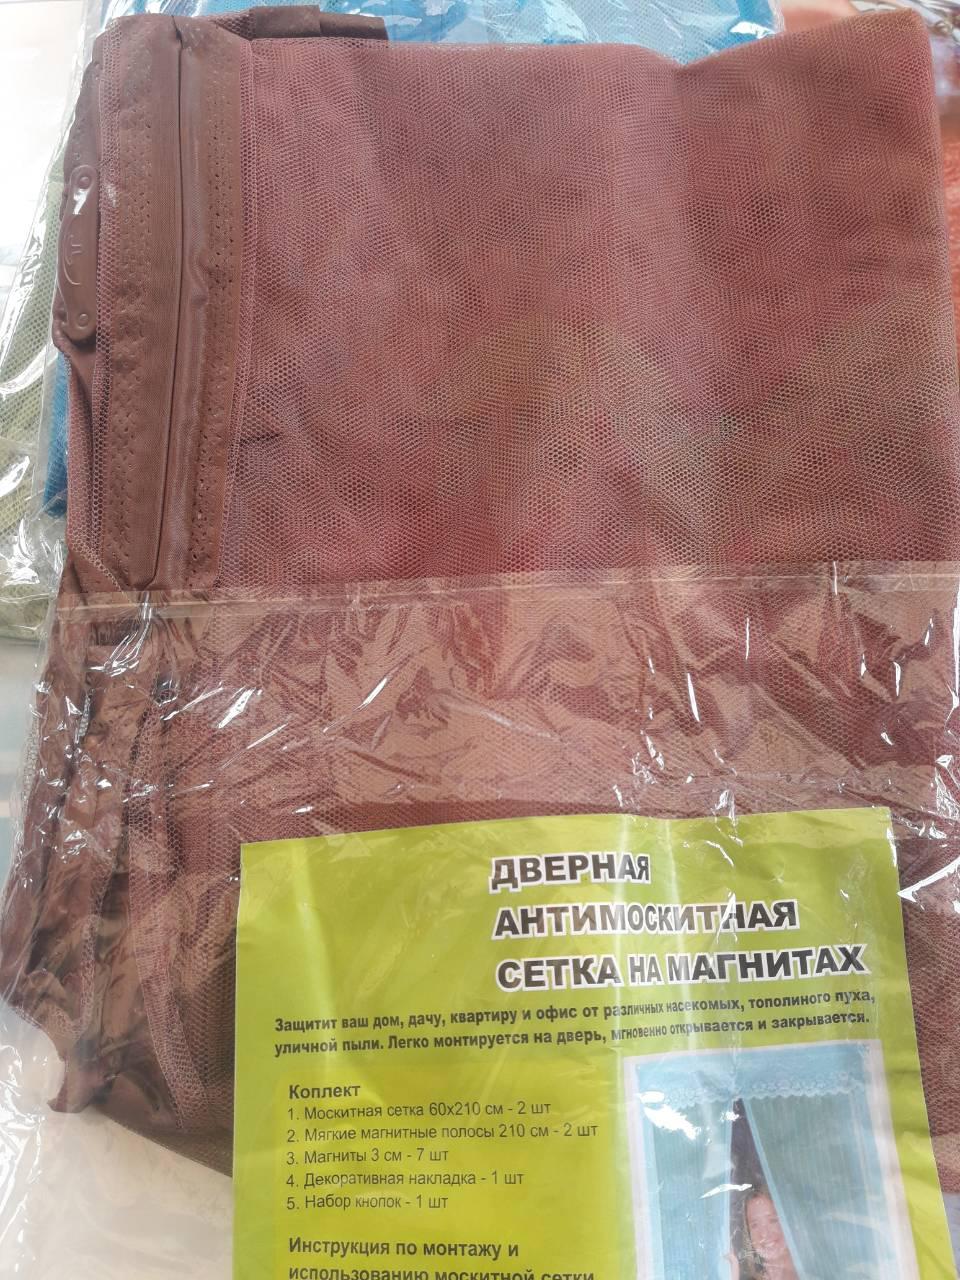 Антимоскитная сетка на магнитах в дверной проем коричневая с цветами 120*210 см